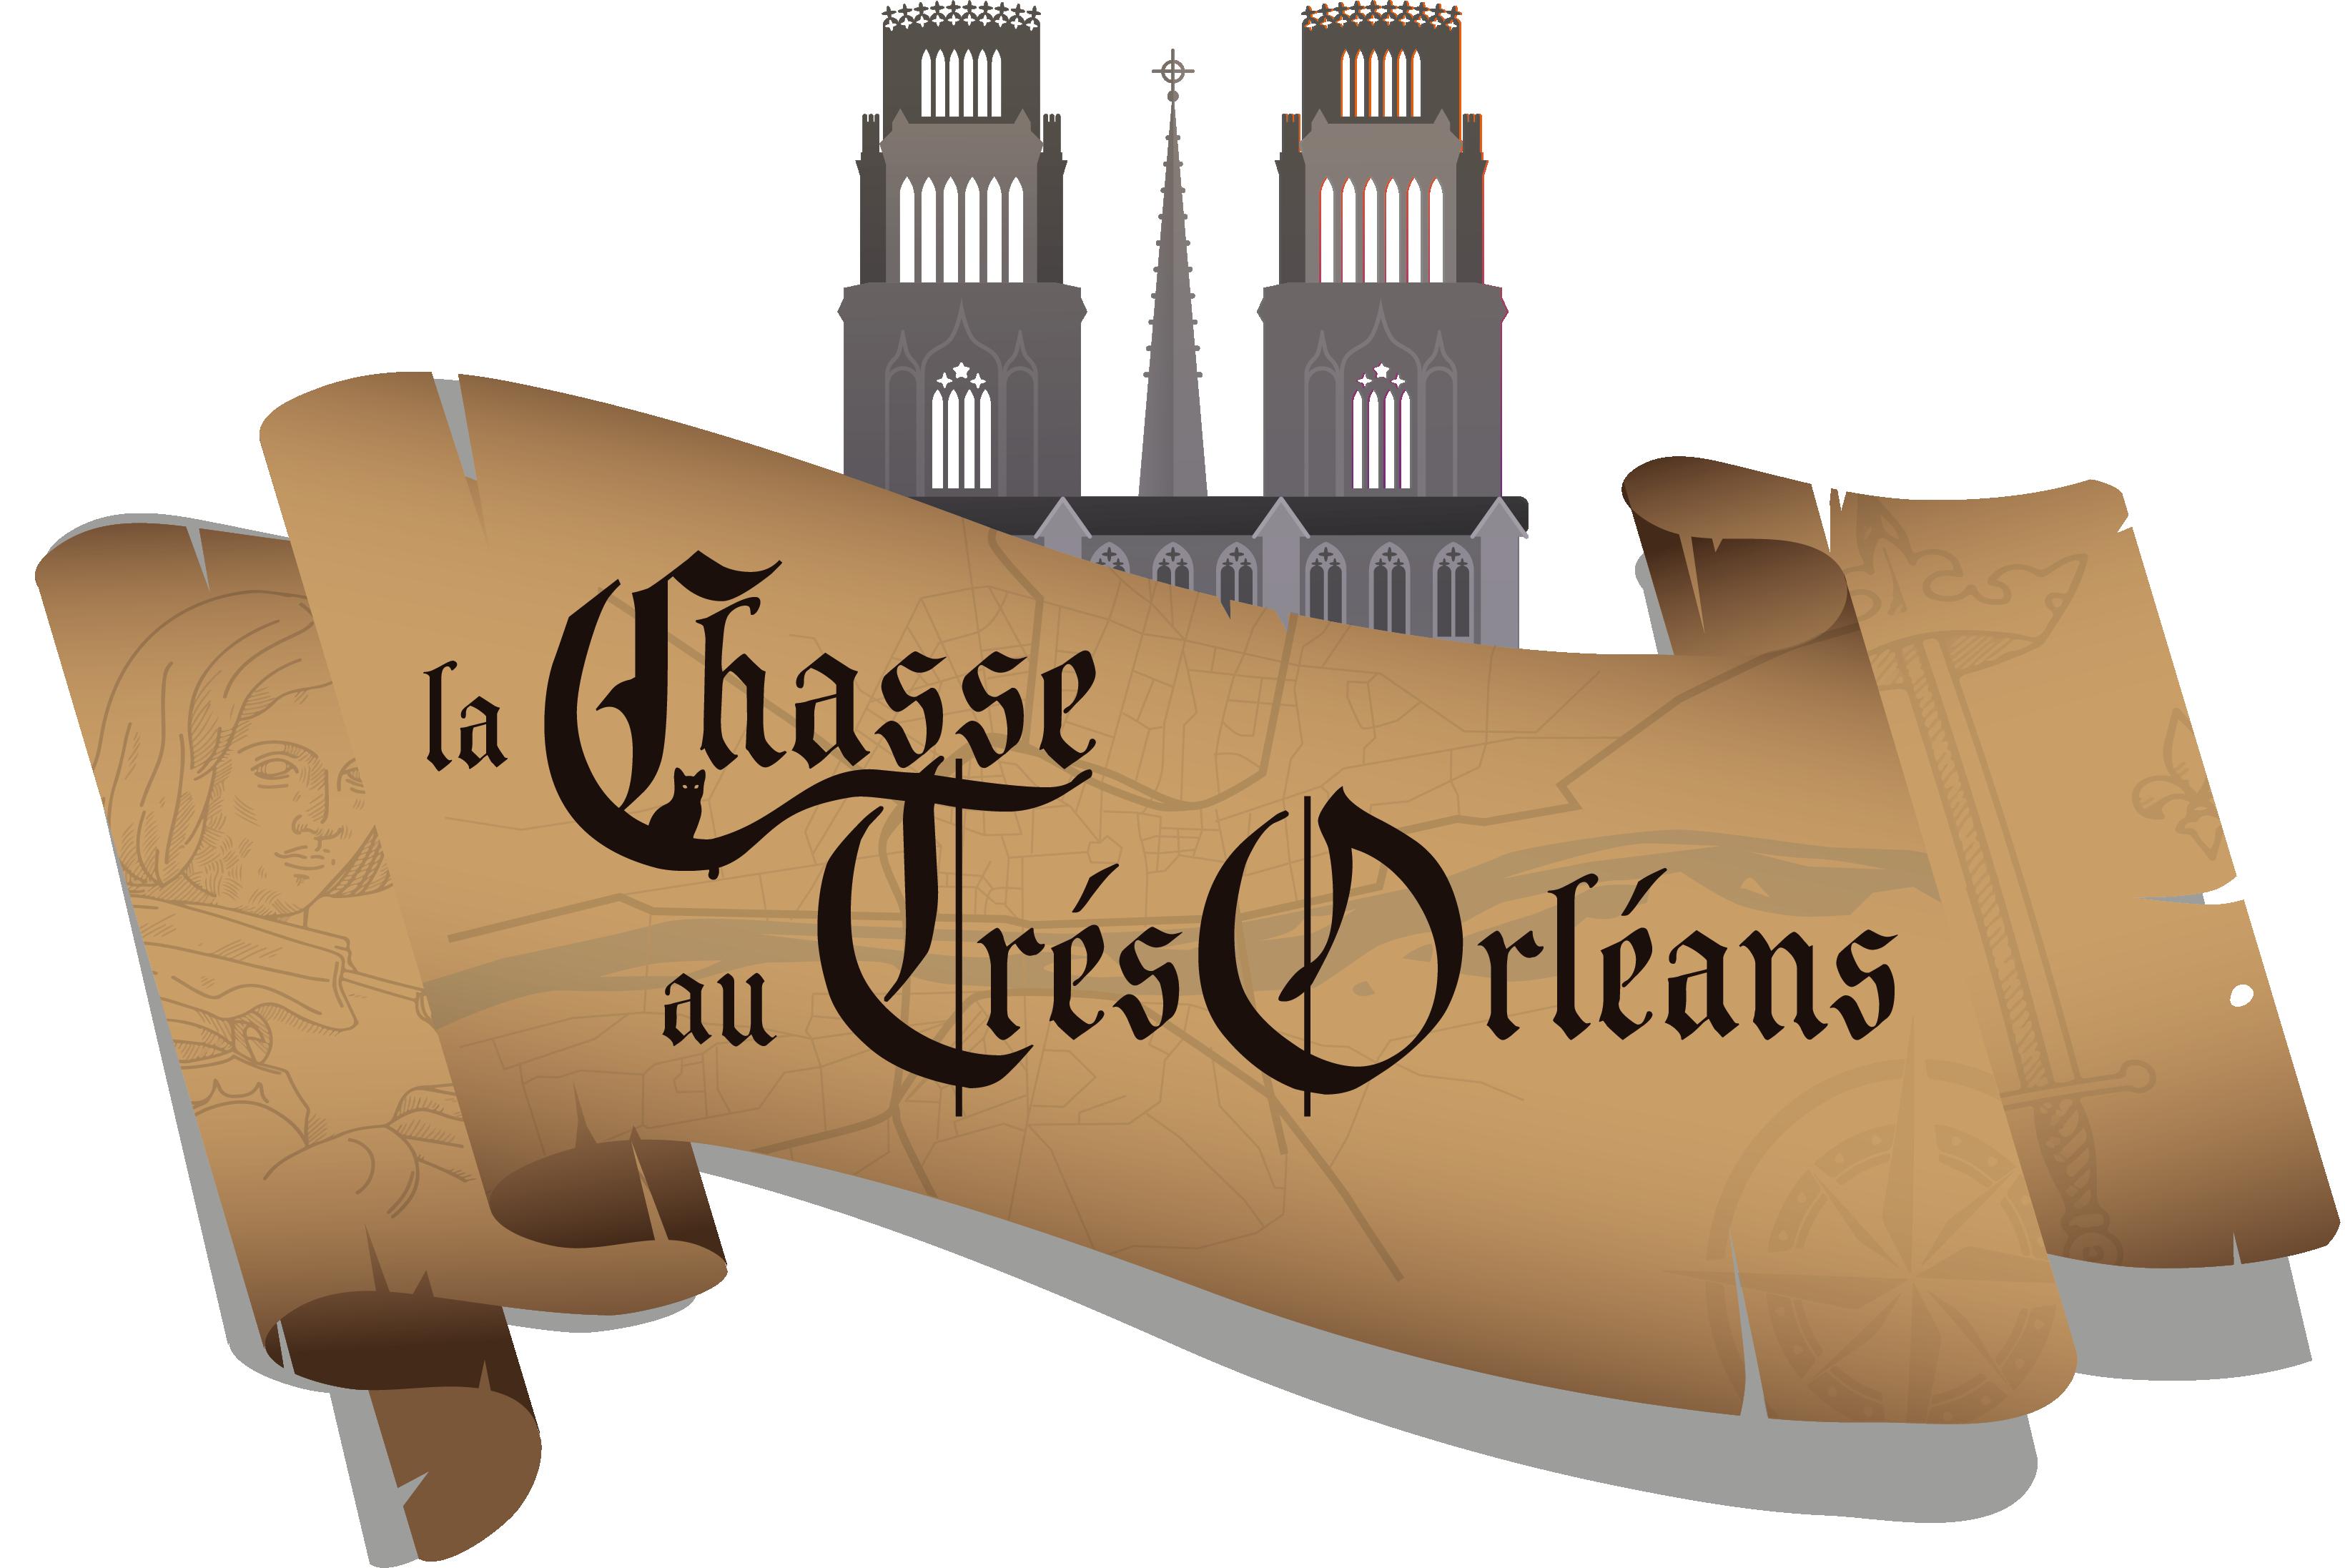 Enquêter au coeur d'Orléans, ça vous tente ? 7